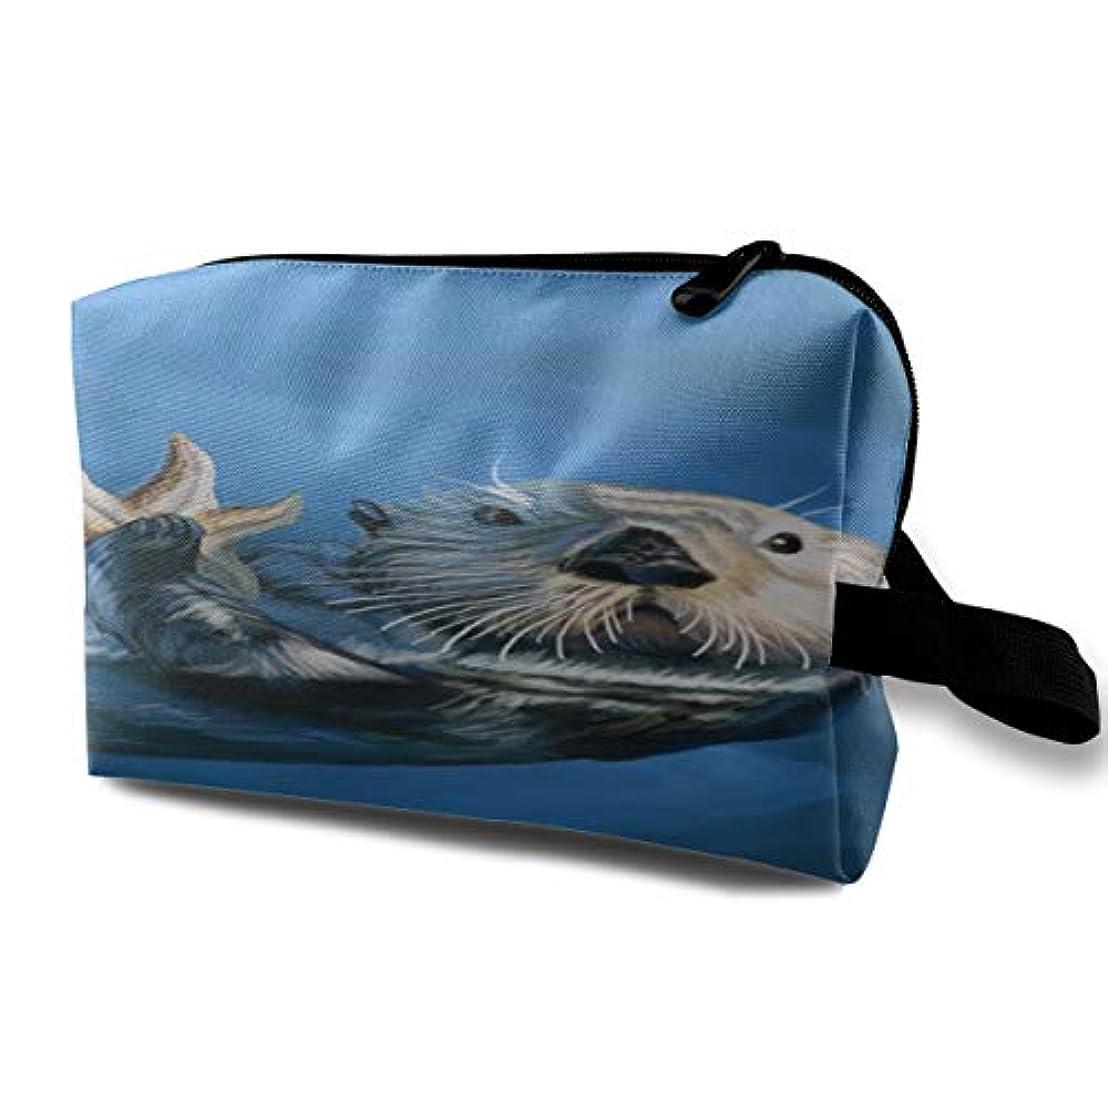 飾り羽関連付ける炭水化物Sea Otter 収納ポーチ 化粧ポーチ 大容量 軽量 耐久性 ハンドル付持ち運び便利。入れ 自宅?出張?旅行?アウトドア撮影などに対応。メンズ レディース トラベルグッズ